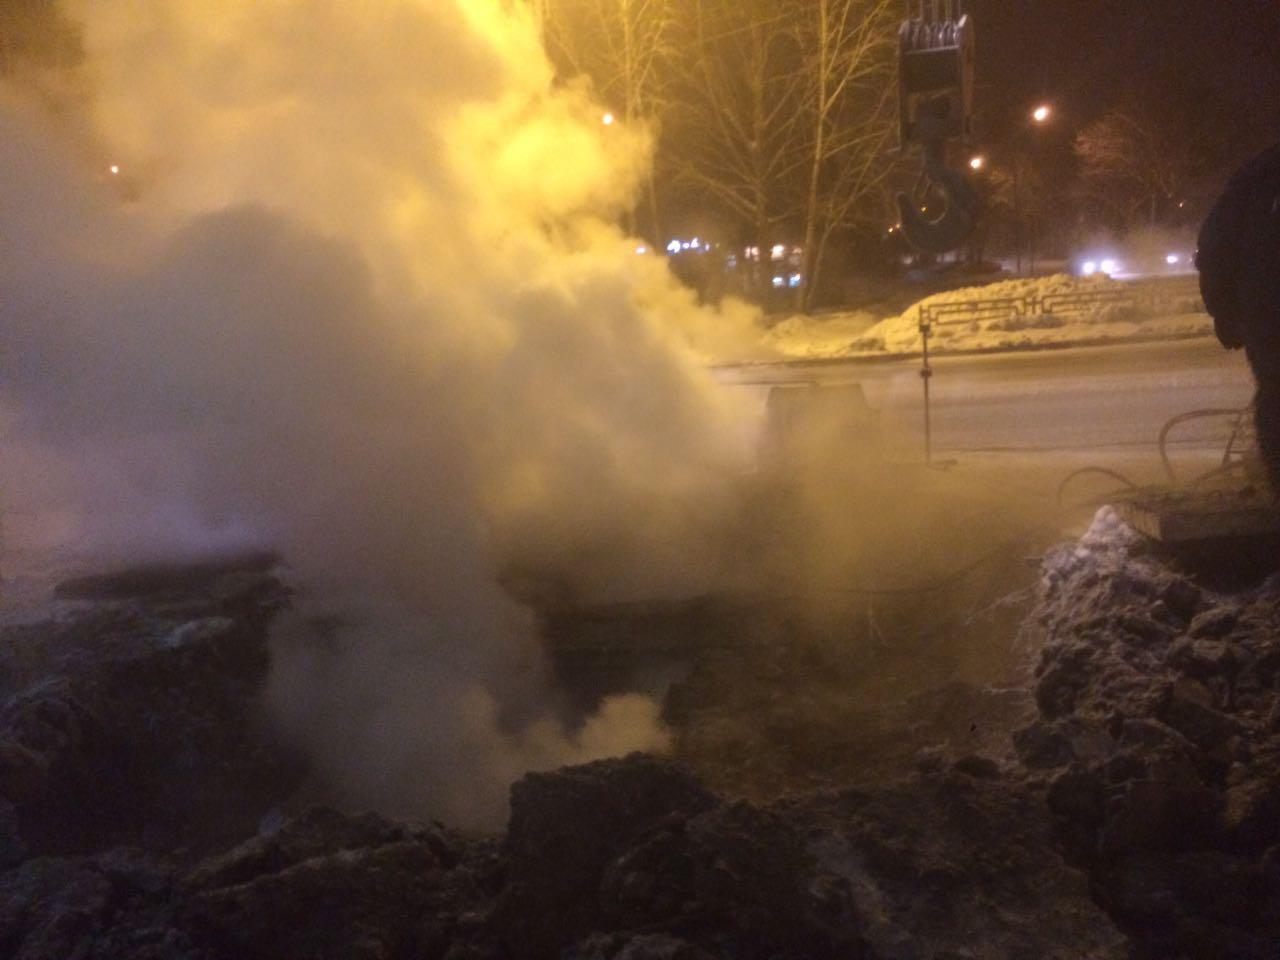 ВЕкатеринбурге протекла тепломагистраль. Взоне замерзания 20 домов идетсад